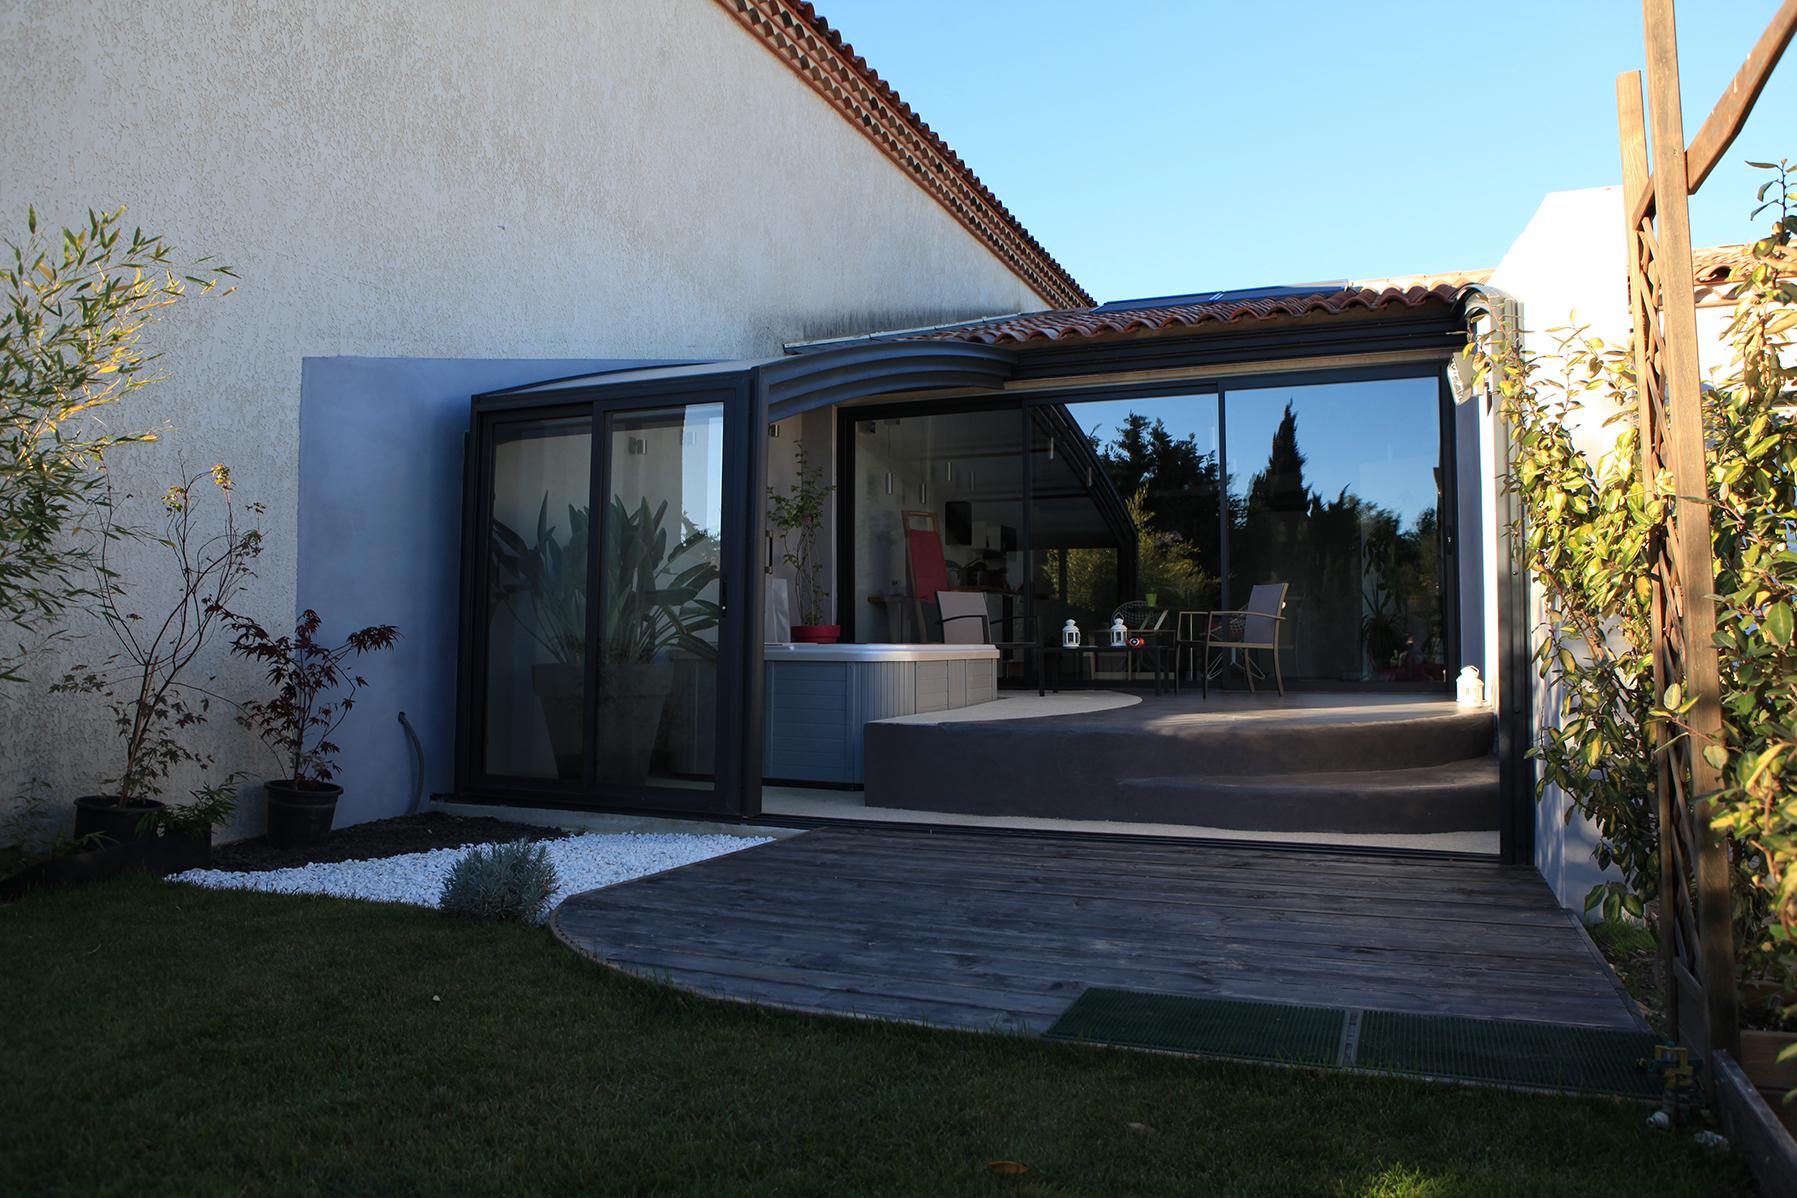 Abri De Terrasse Télescopique R-Home | Fabricant Français ... destiné Abri De Terrasse Ferme